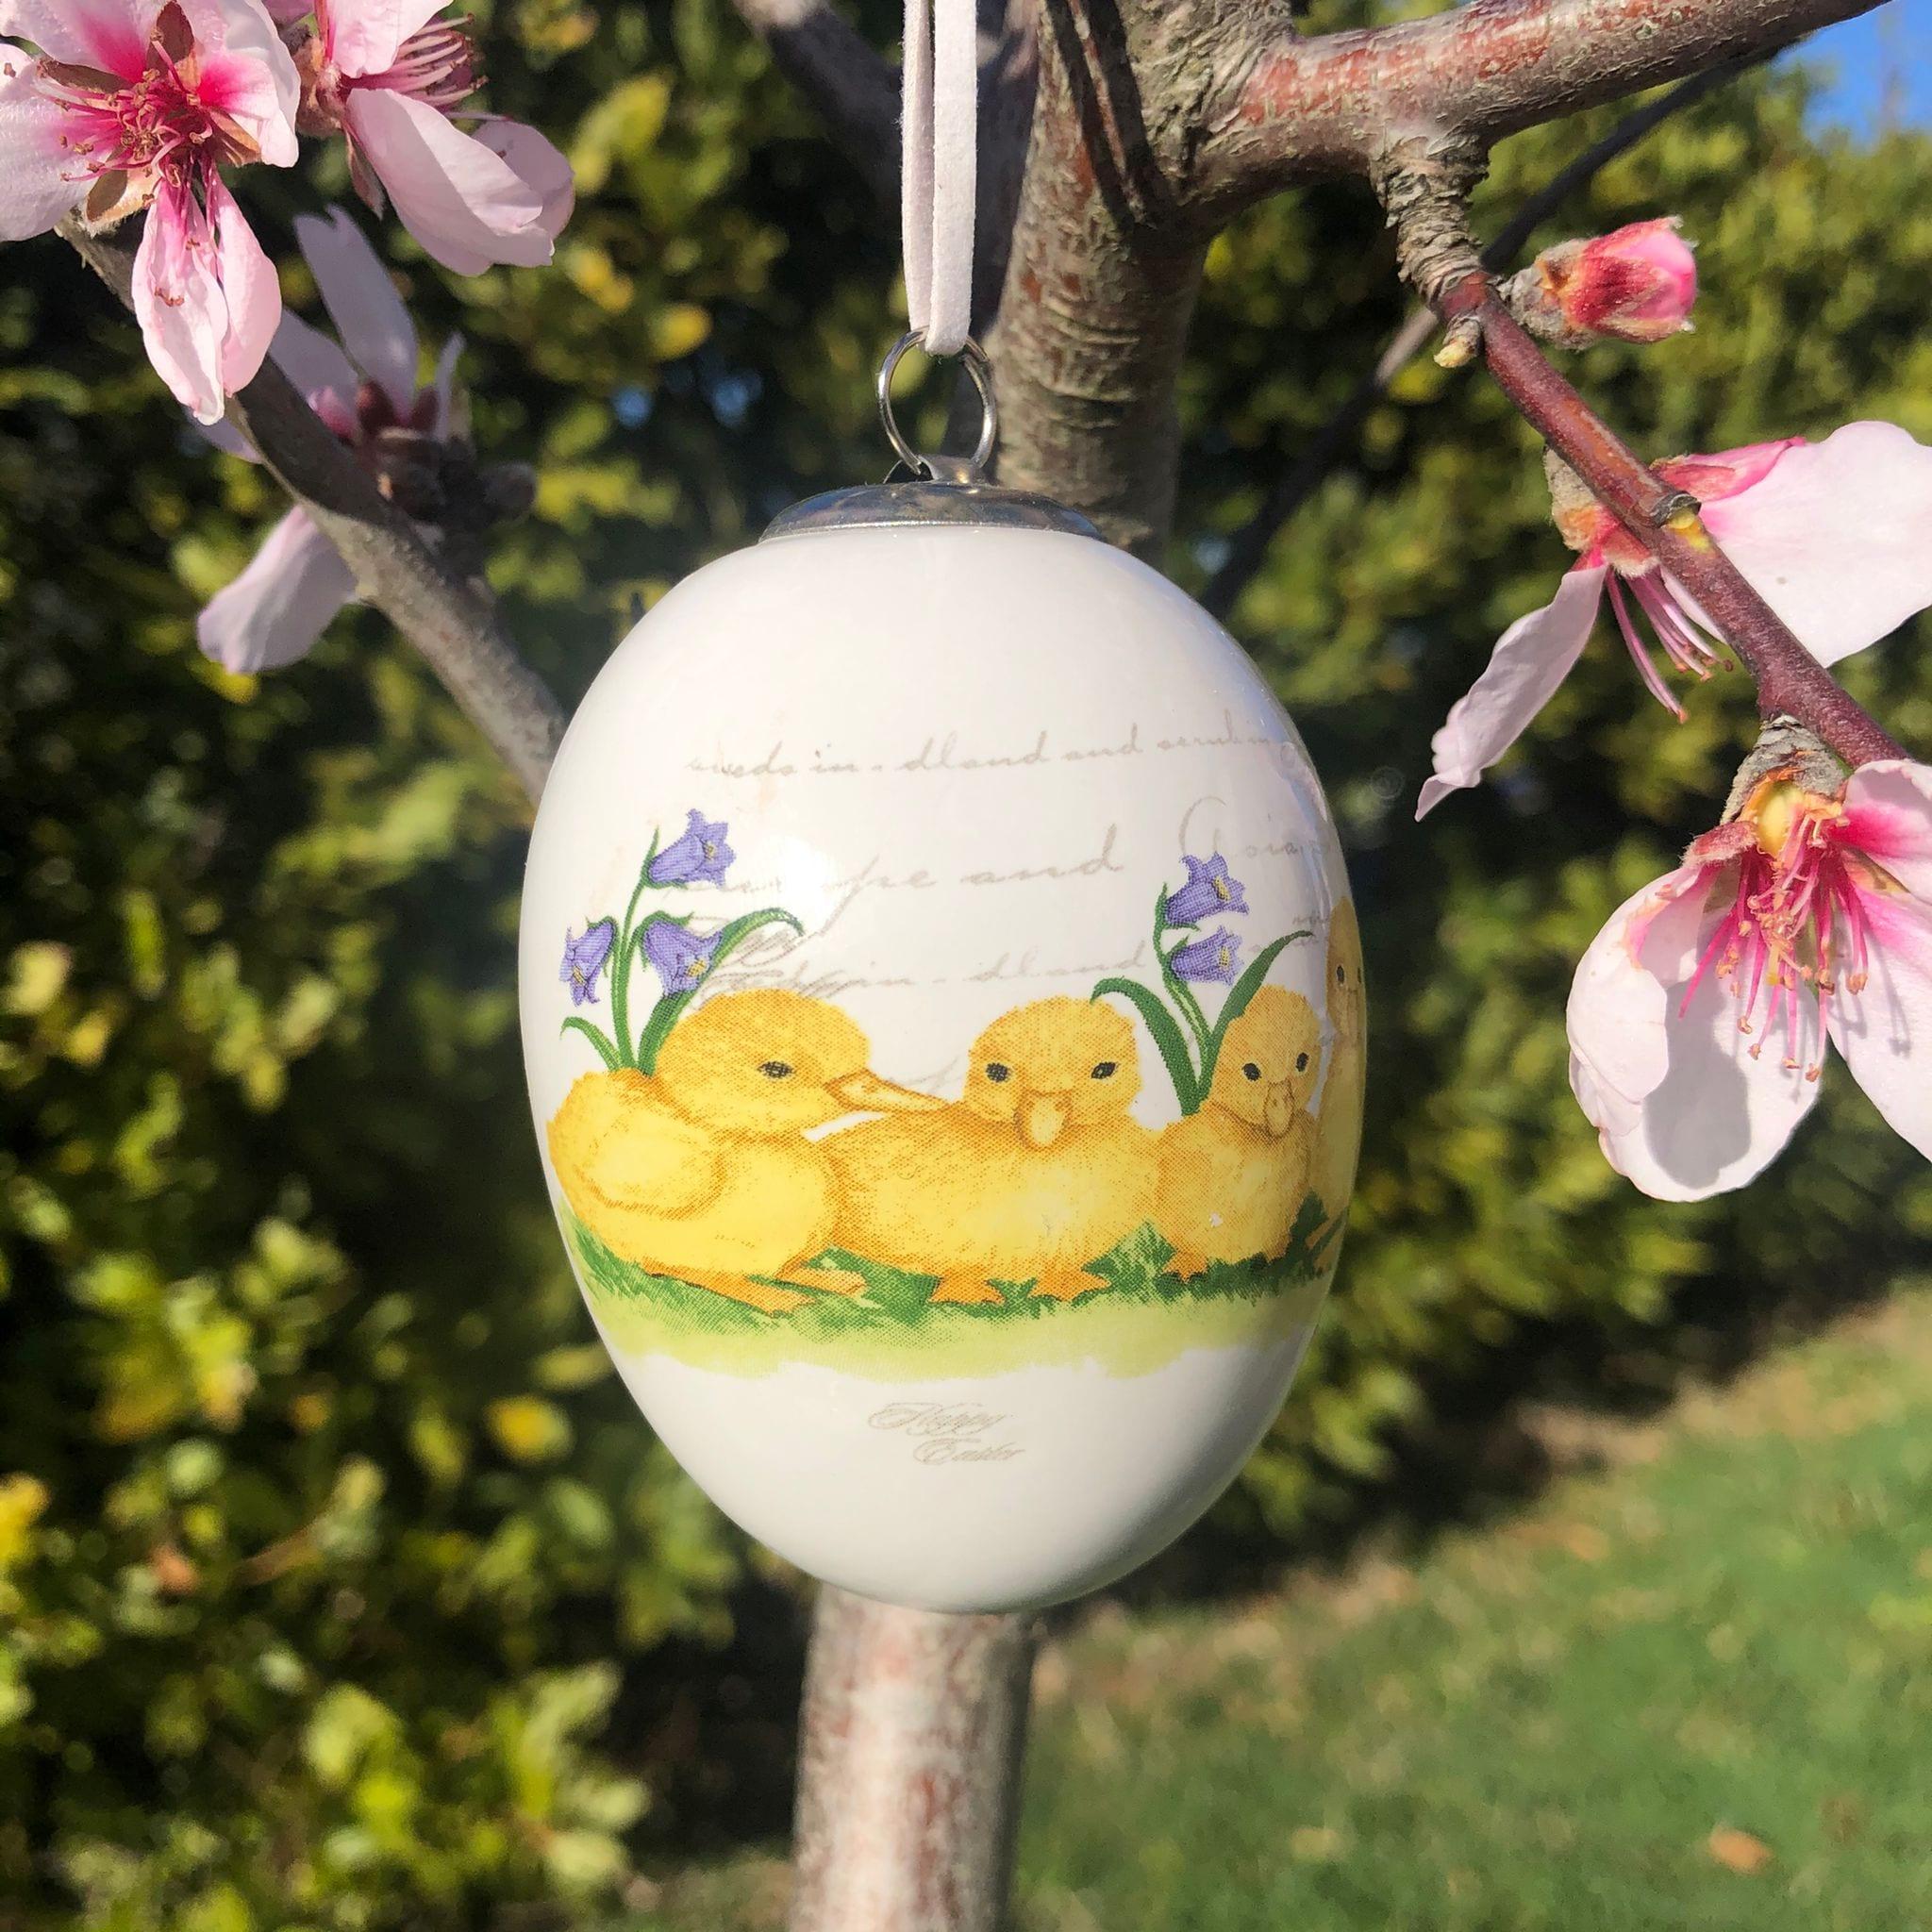 Uovo di porcellana con 3 pulcini e fiori viola